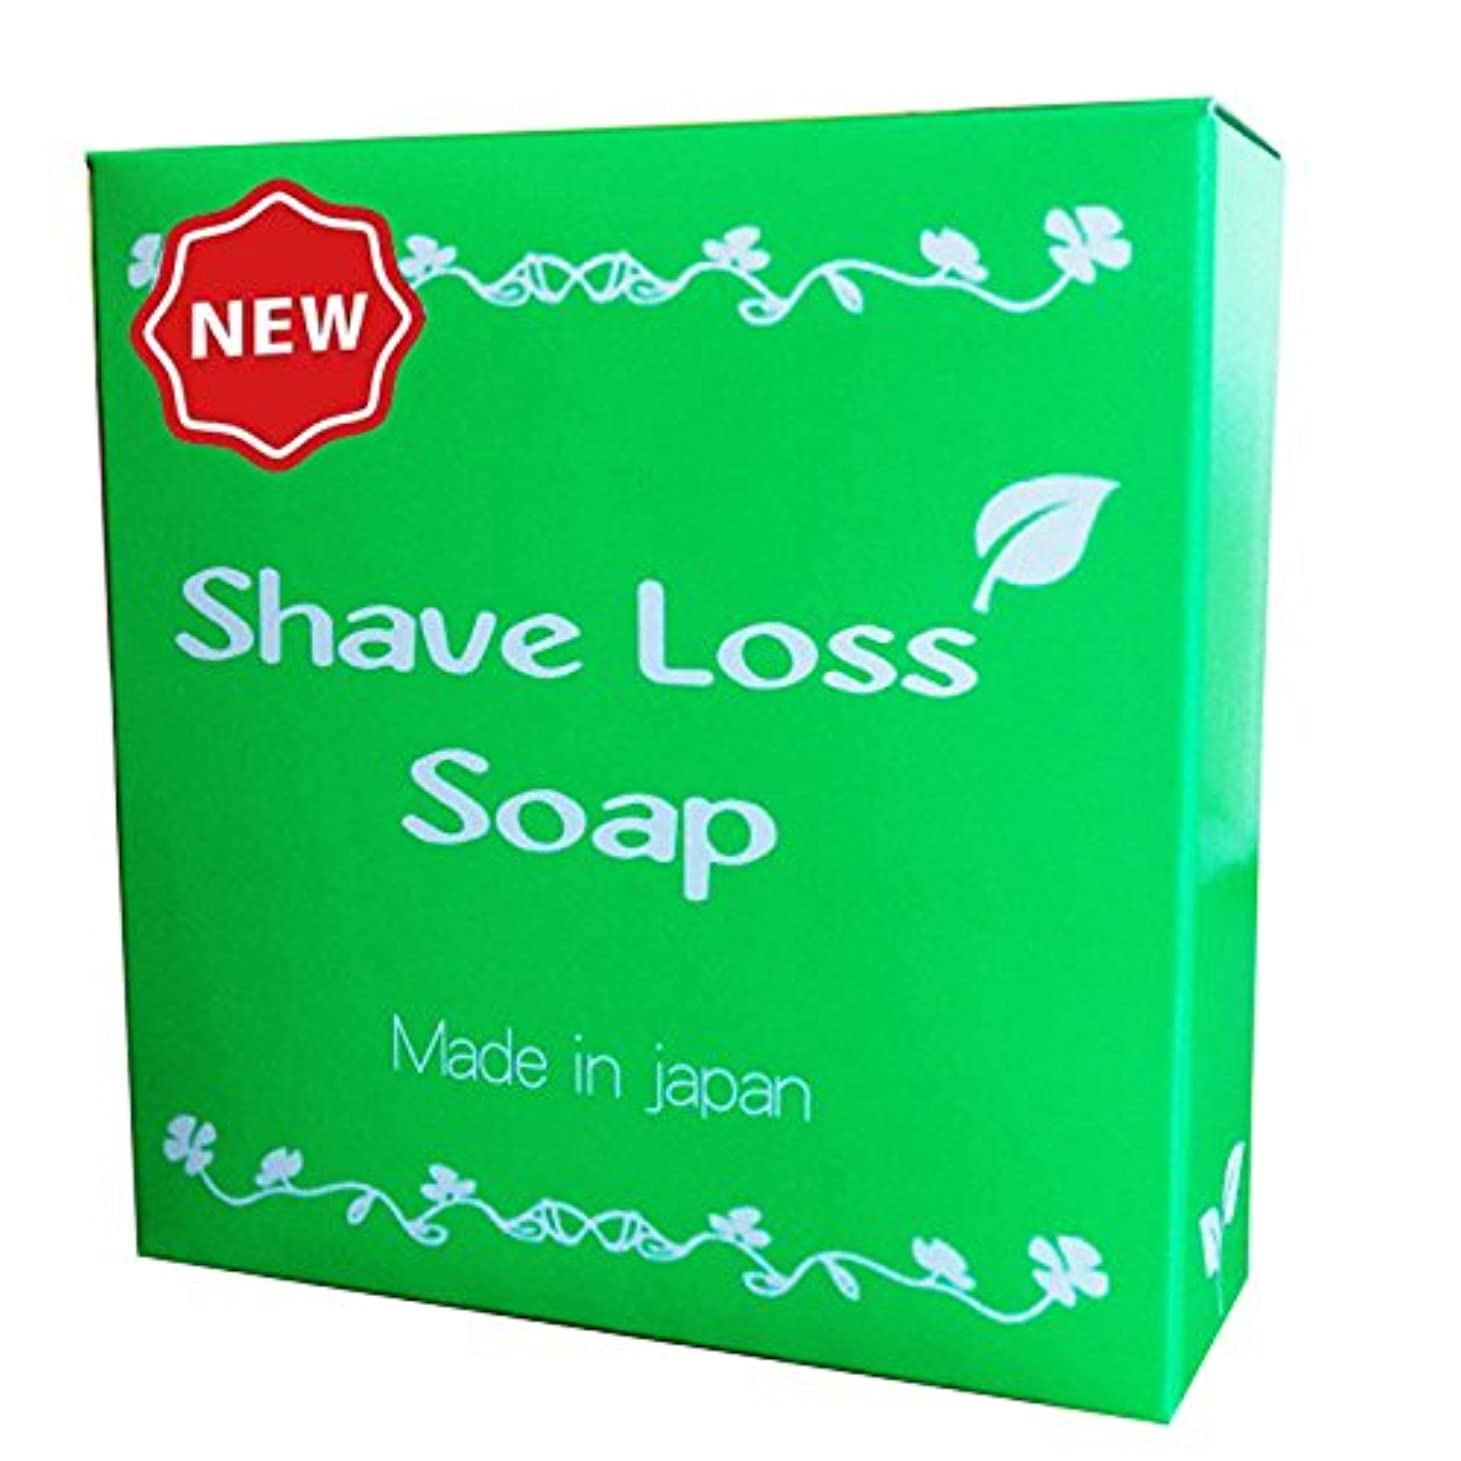 実験的行為憂鬱【NEW】Shave Loss Soap 女性のツルツルを叶える 奇跡の石鹸 80g 2018年最新版 「ダイズ種子エキス」 「ラレアディバリカタエキス」大幅増量タイプ